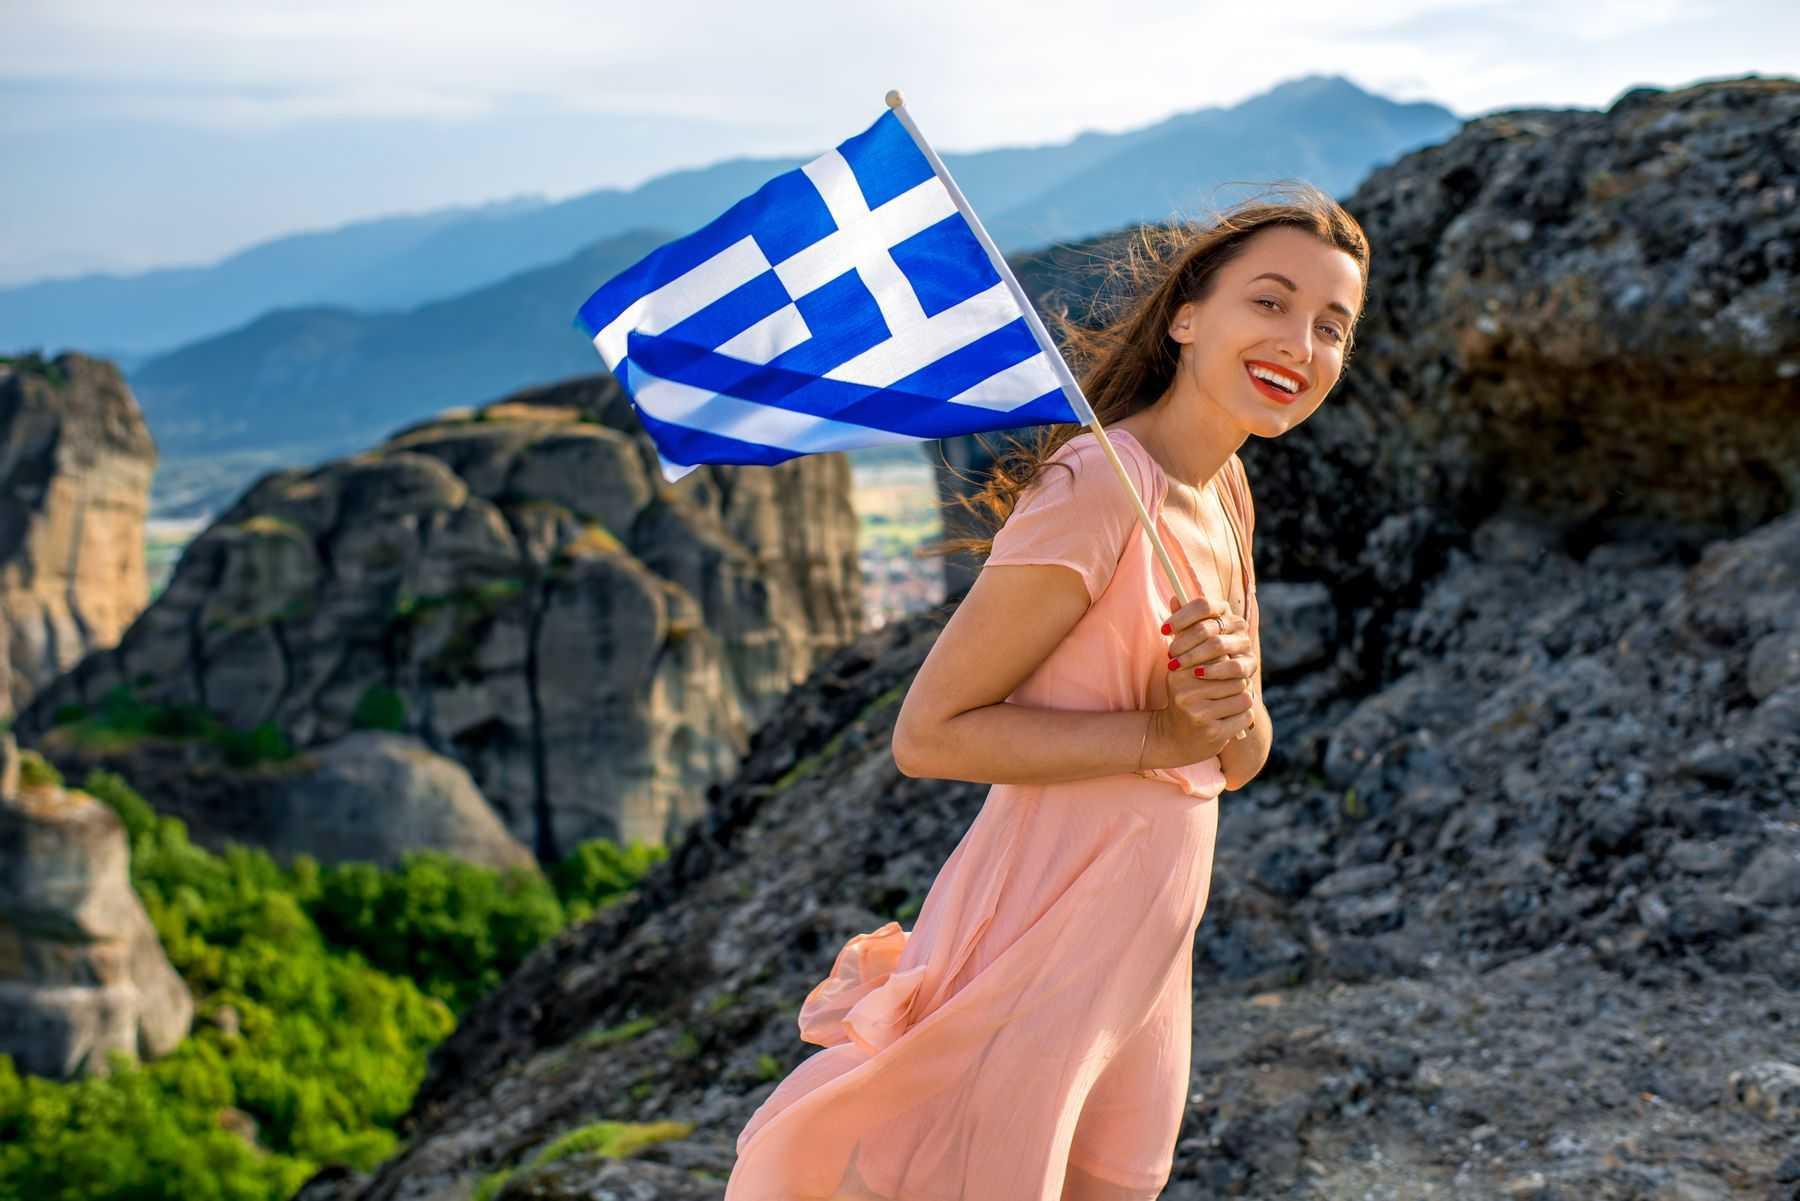 Pažintinė savaitgalio kelionė į Atėnus! Skrydžiai, 3n su pusryčiais ir ekskursinė programa!